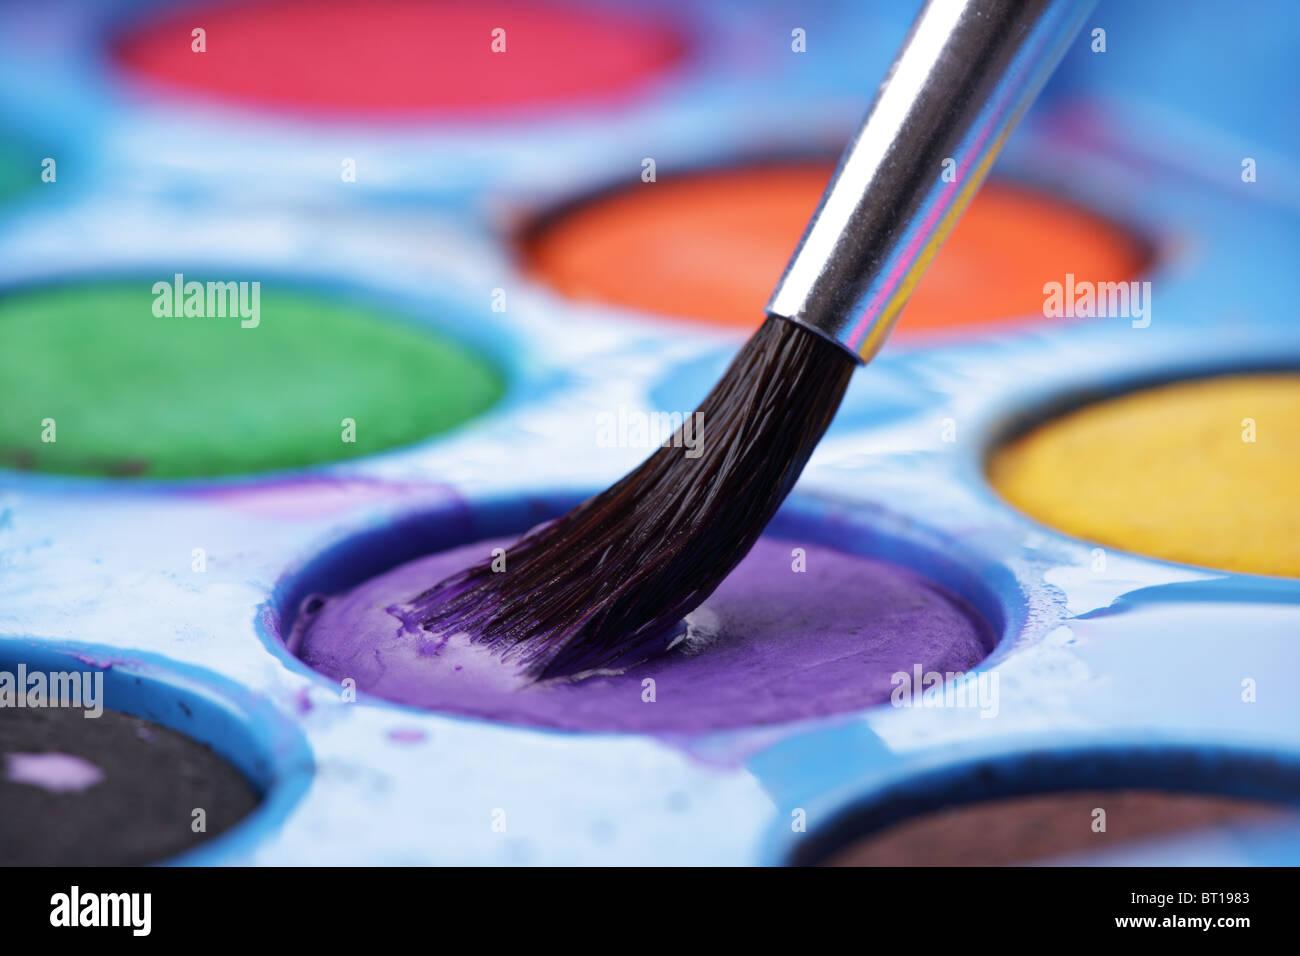 Artista della tavolozza acquerello con spazzola Immagini Stock